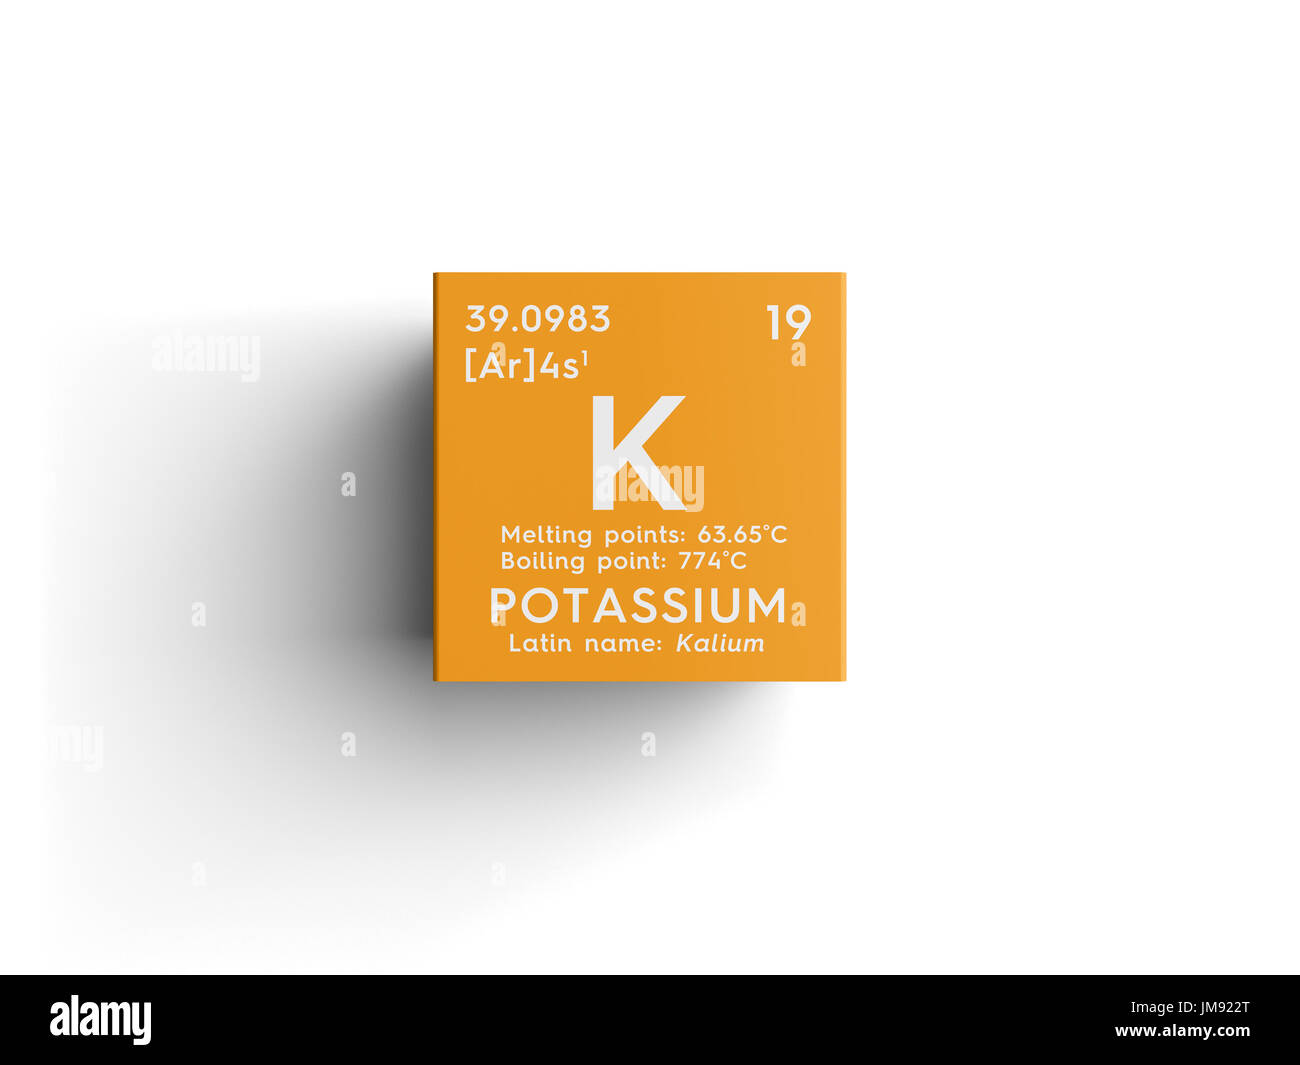 El potasio kalium metales alcalinos elemento qumico de la tabla metales alcalinos elemento qumico de la tabla peridica de mendeleyev potasio en square cube concepto creativo urtaz Gallery